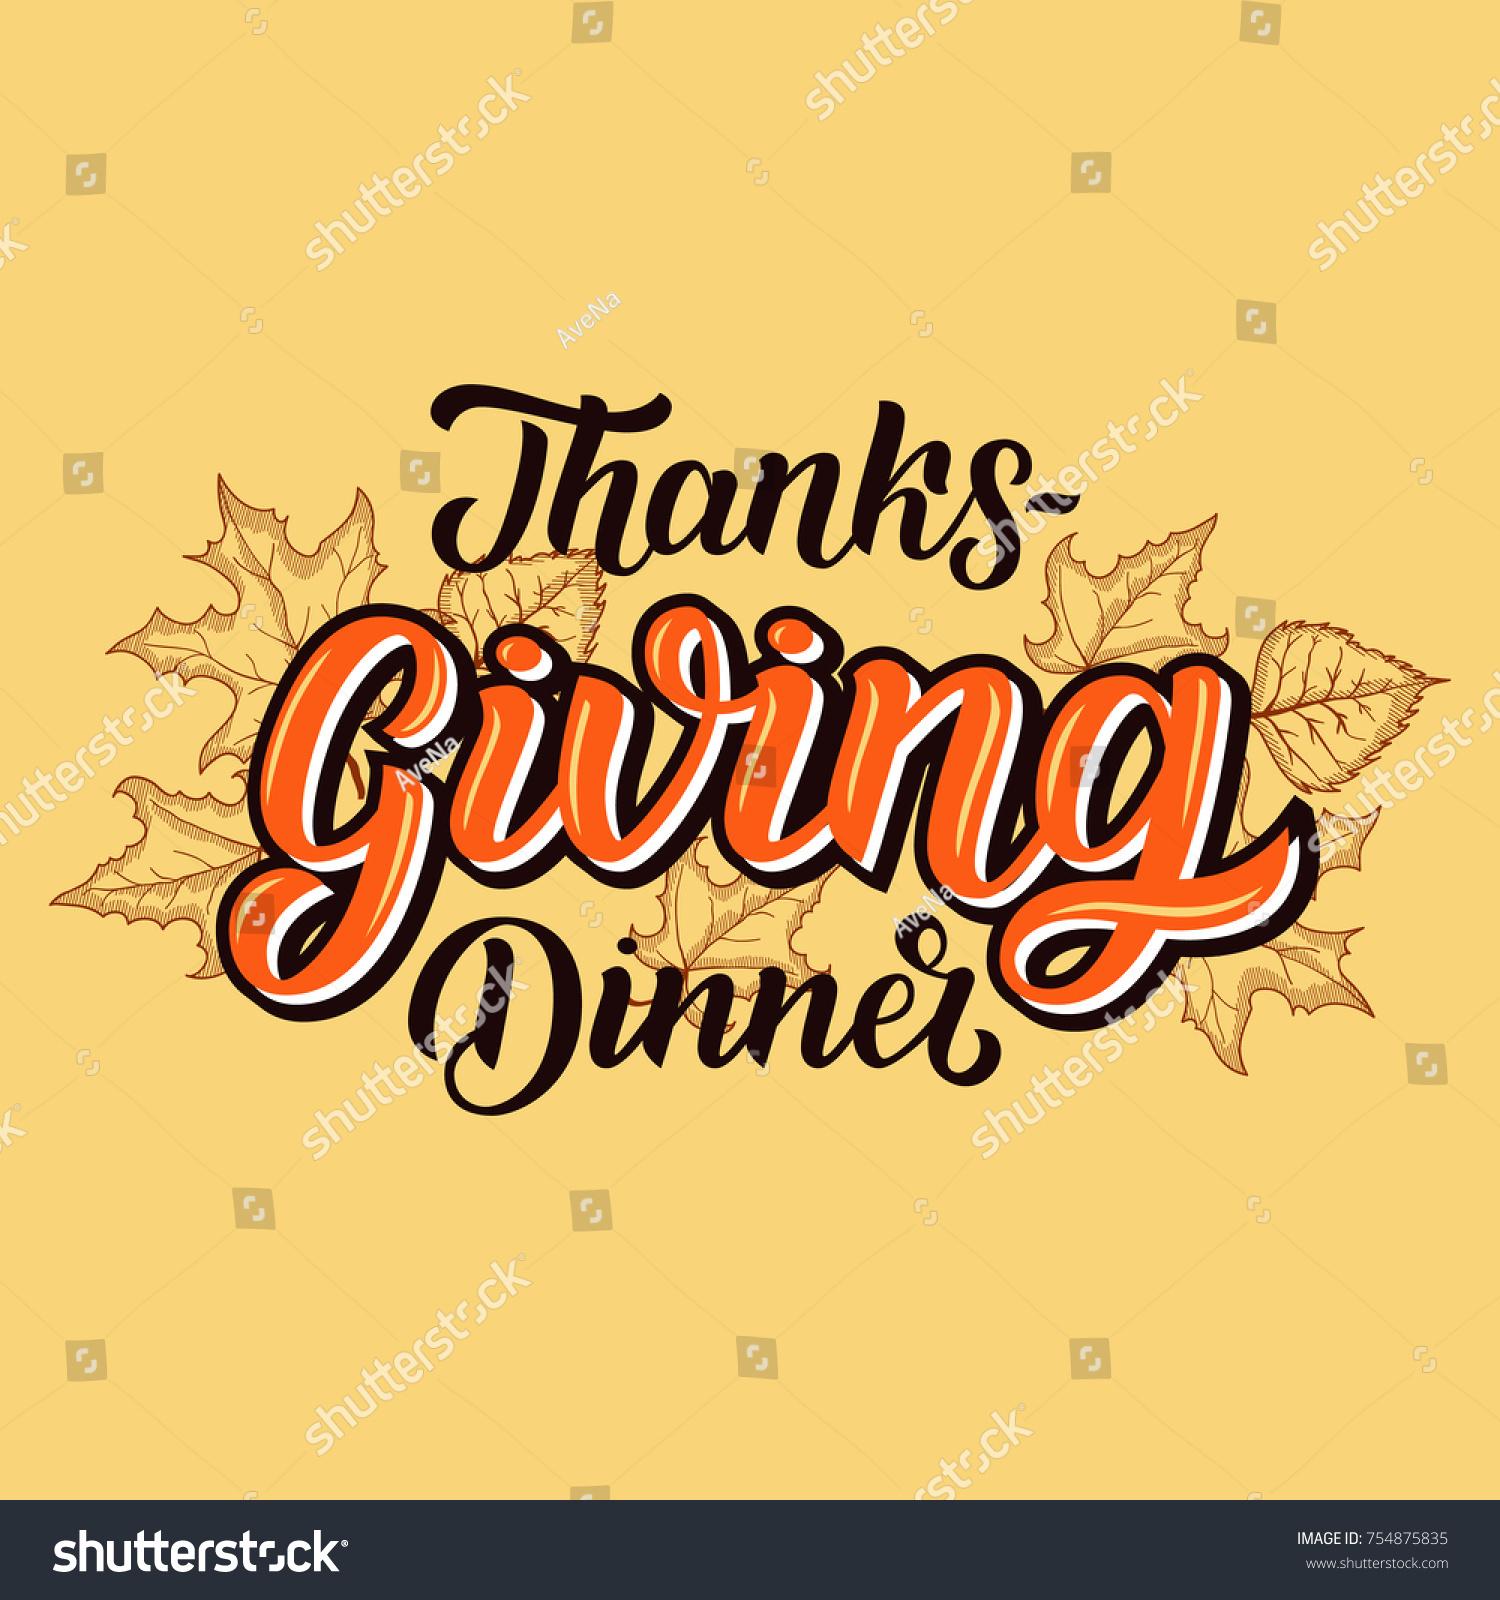 Happy Thanksgiving Dinner Brush Hand Lettering Stock Vector ...